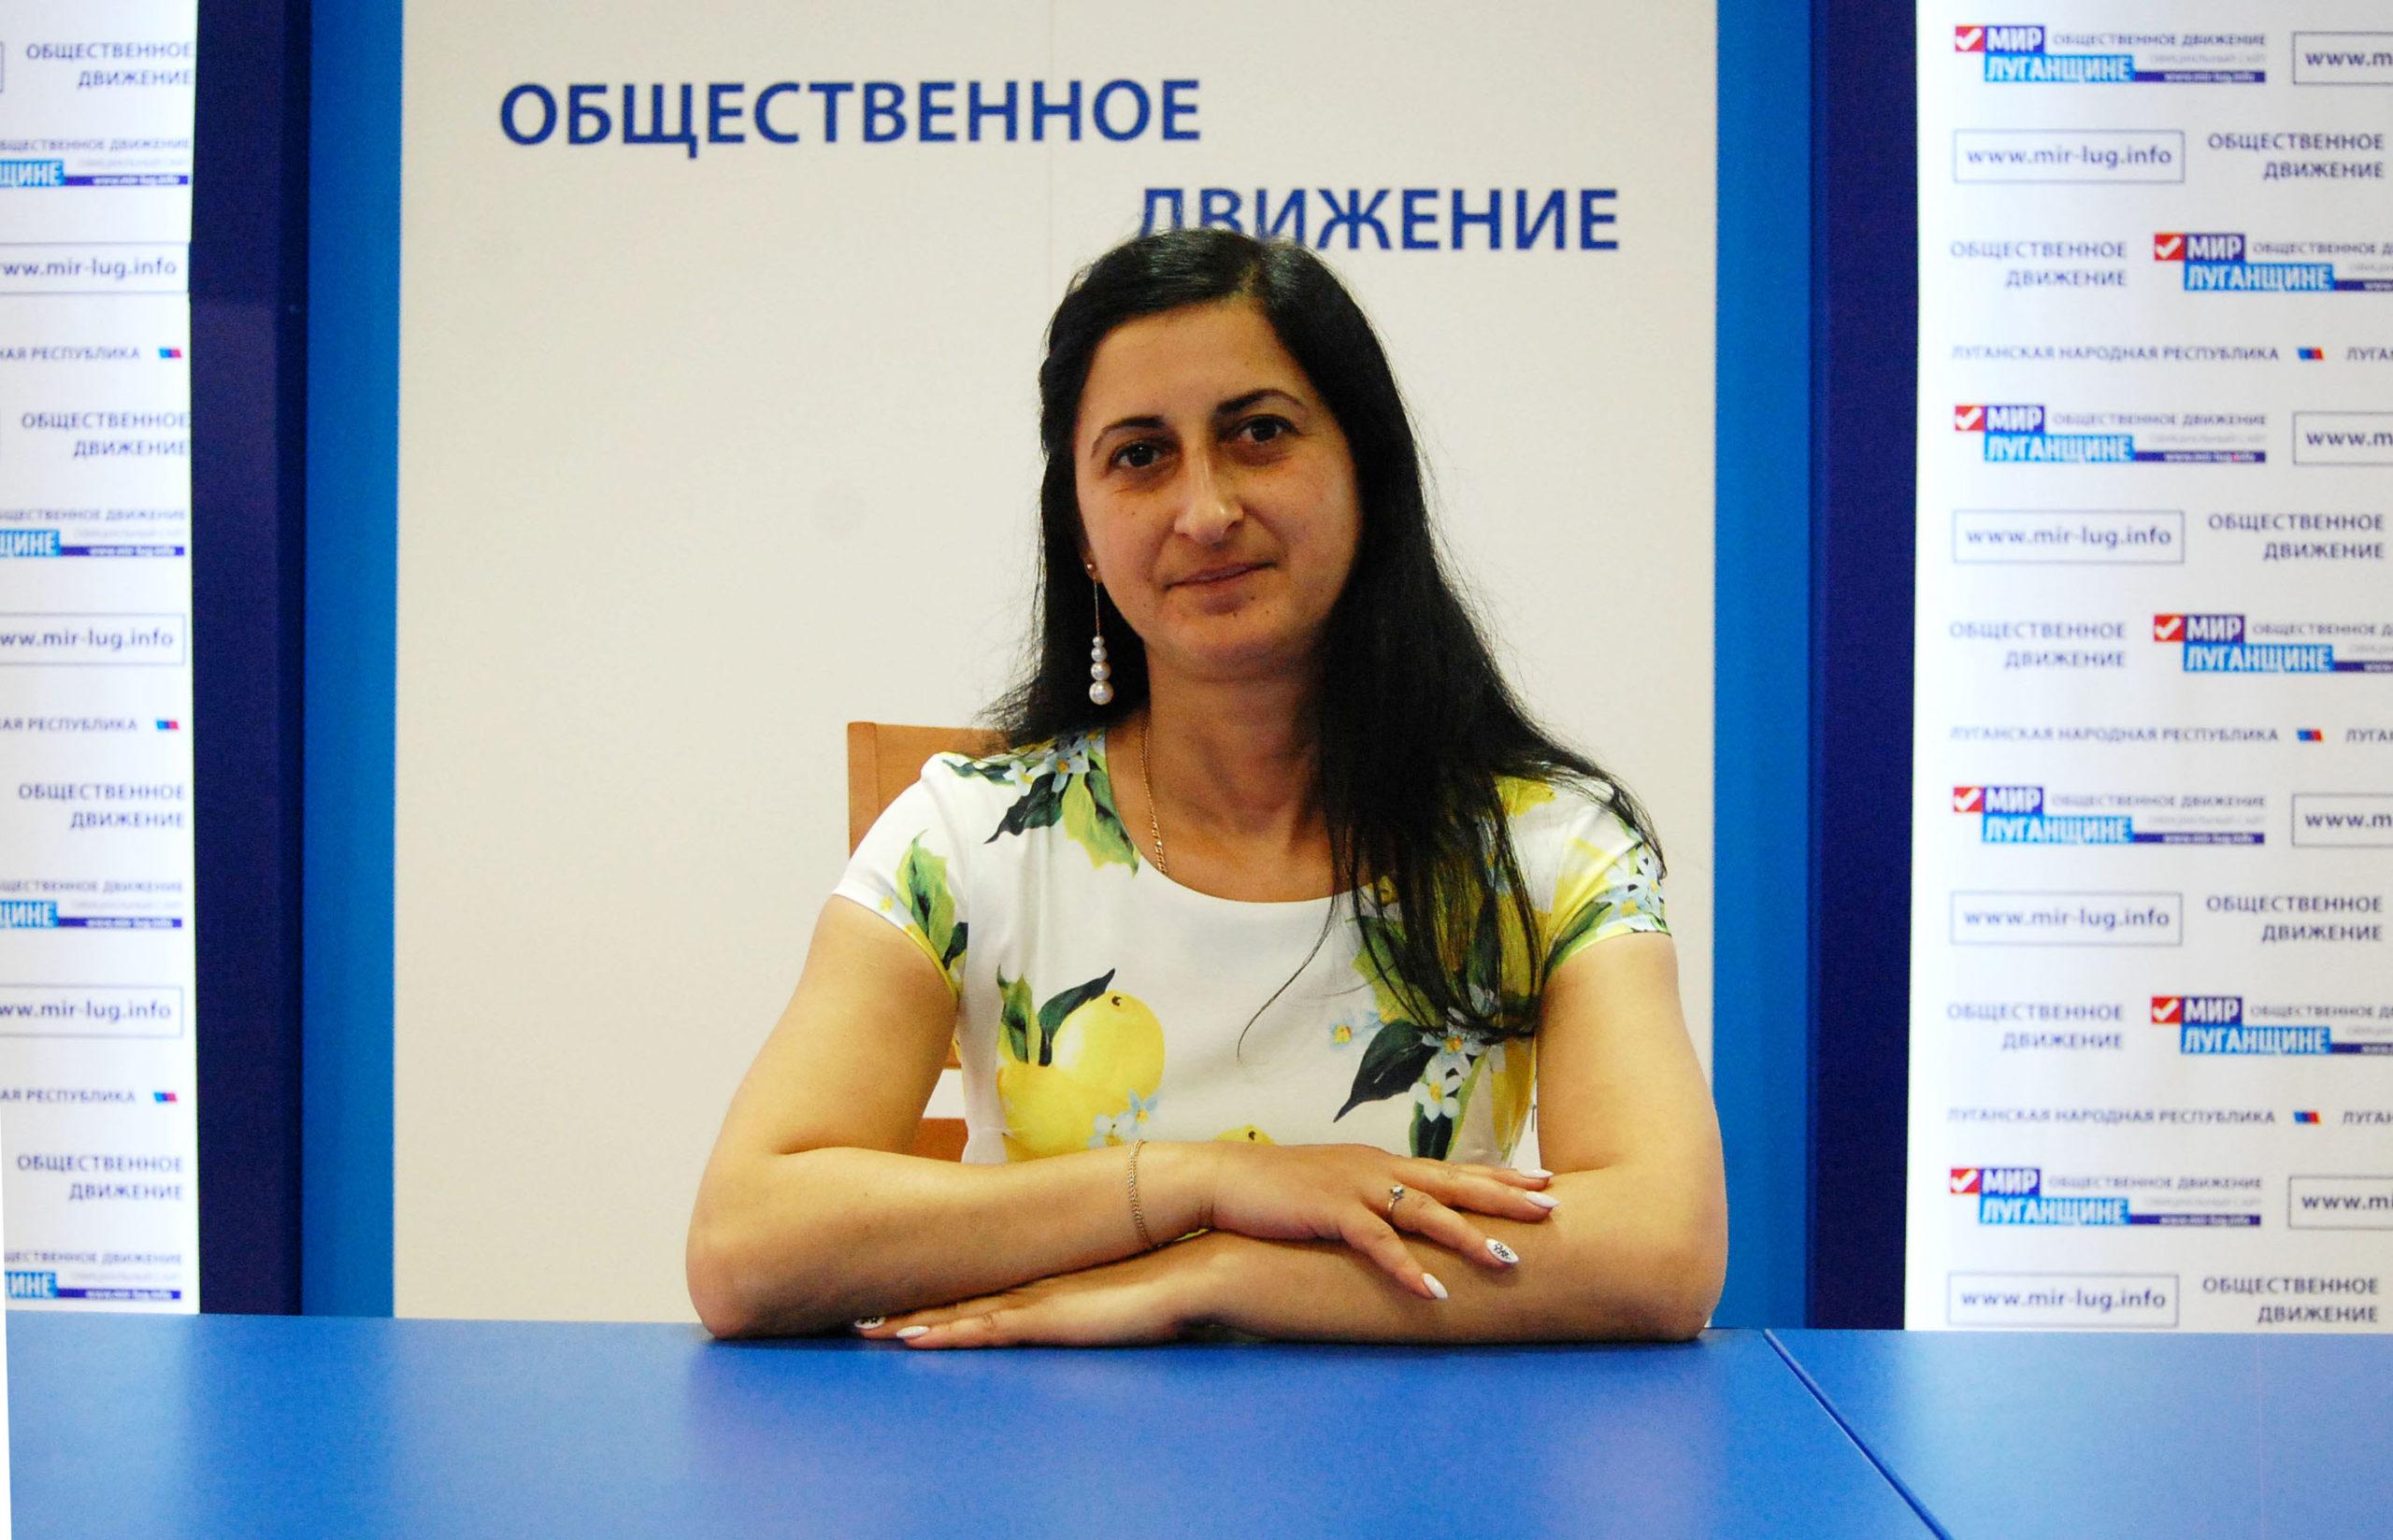 Белла Демешко разъяснила ответственность за нарушение тишины и покоя граждан